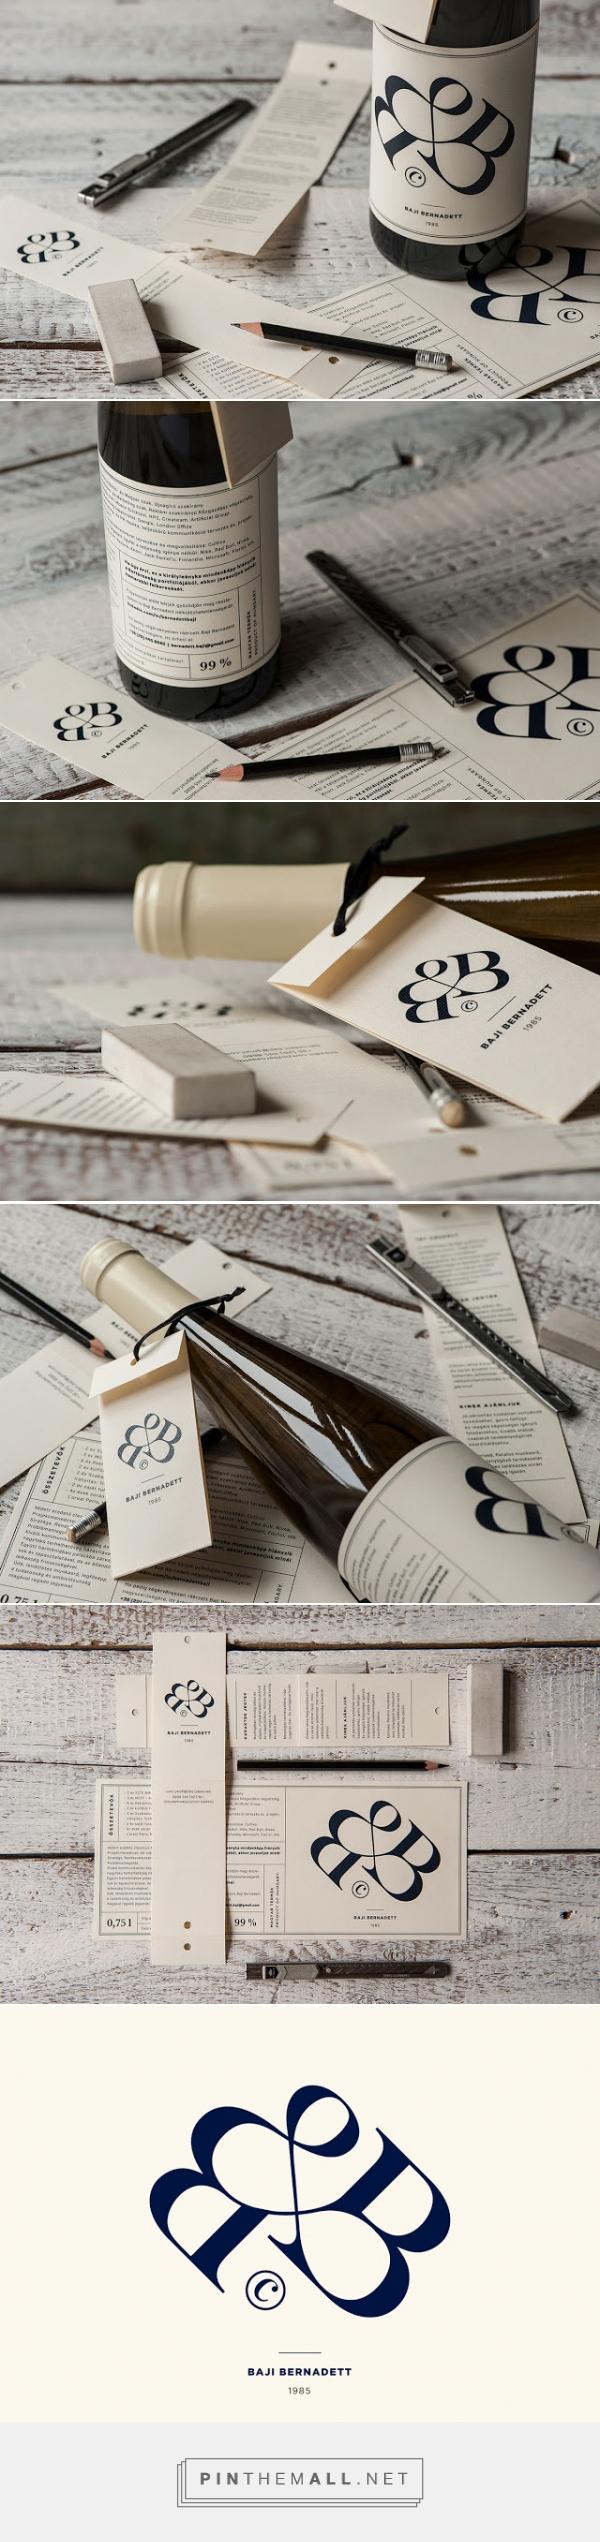 Bernadett Baji's #Wine #Packaging by kissmiklos - http://www.packagingoftheworld.com/2015/02/bernadett-bajis-wine.html